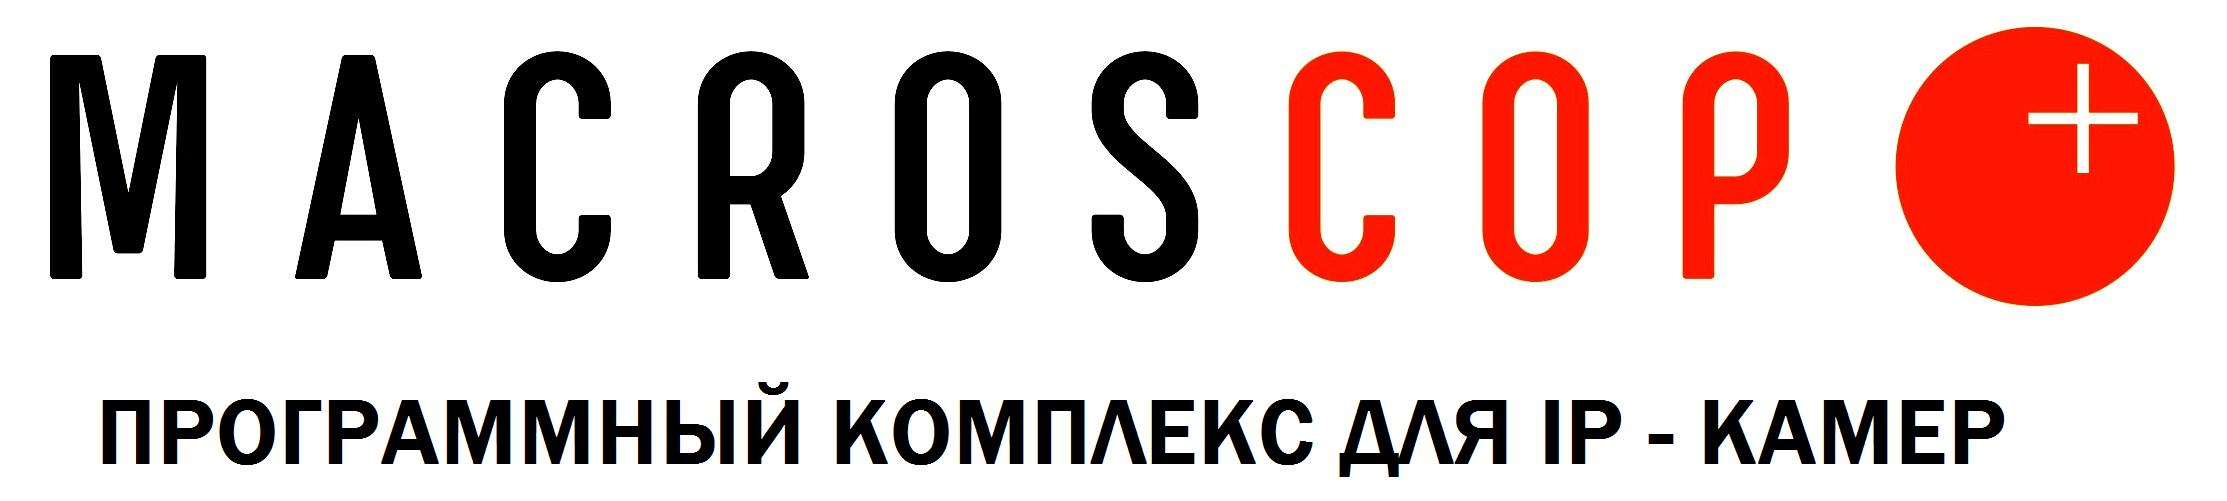 macroscop_logo_rus_1_2